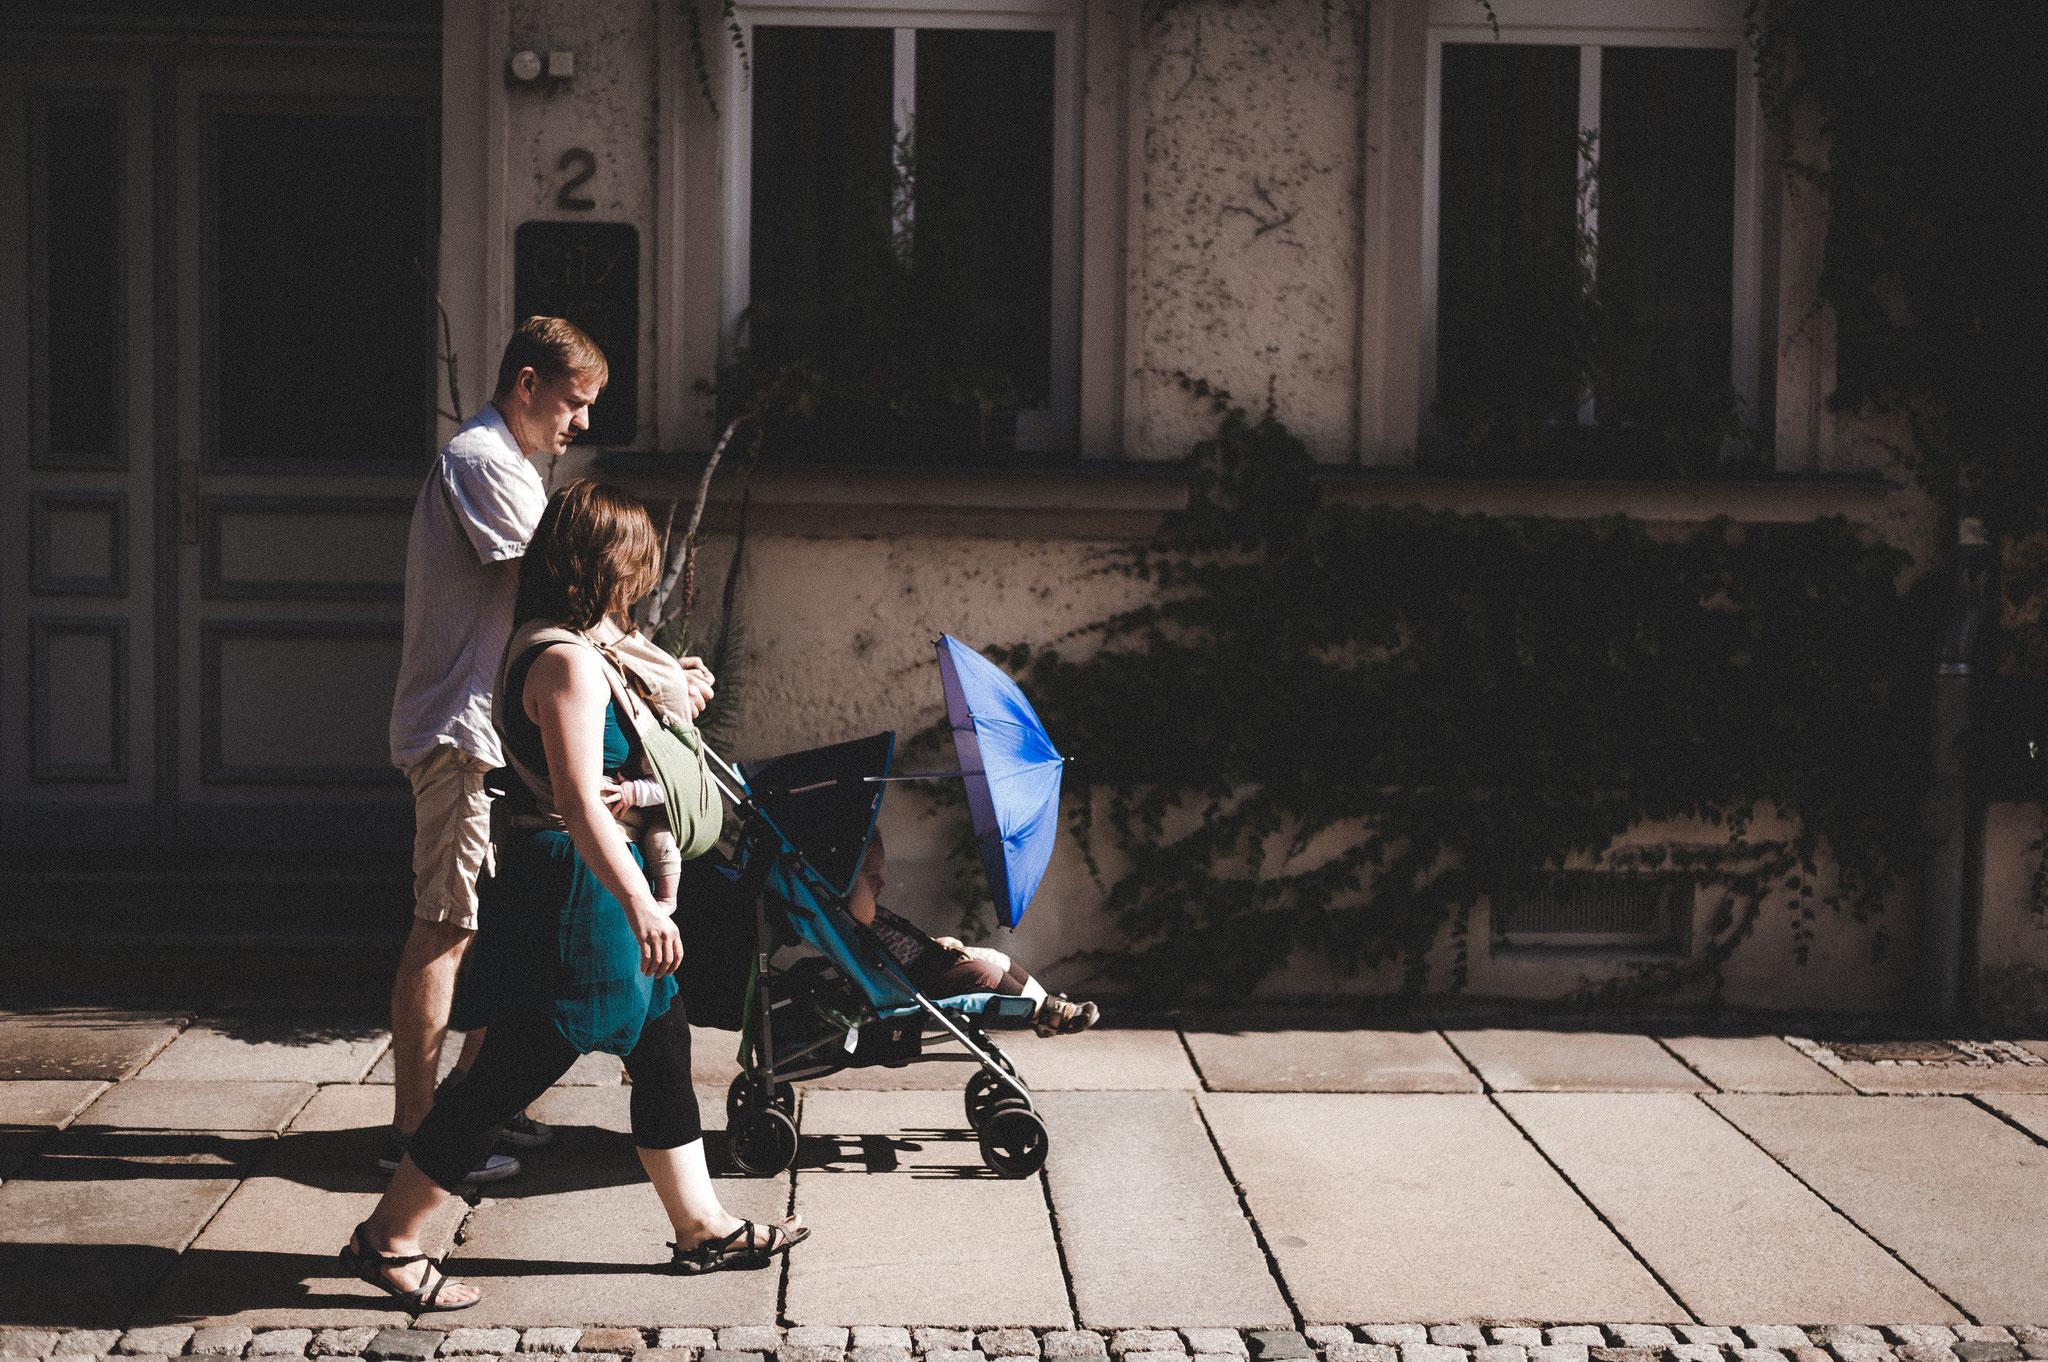 Salt & Pepper Photography: Hochzeitsfotografen, Paar- und Familien-Fotoshootings in Dresden | Kristin & Mario